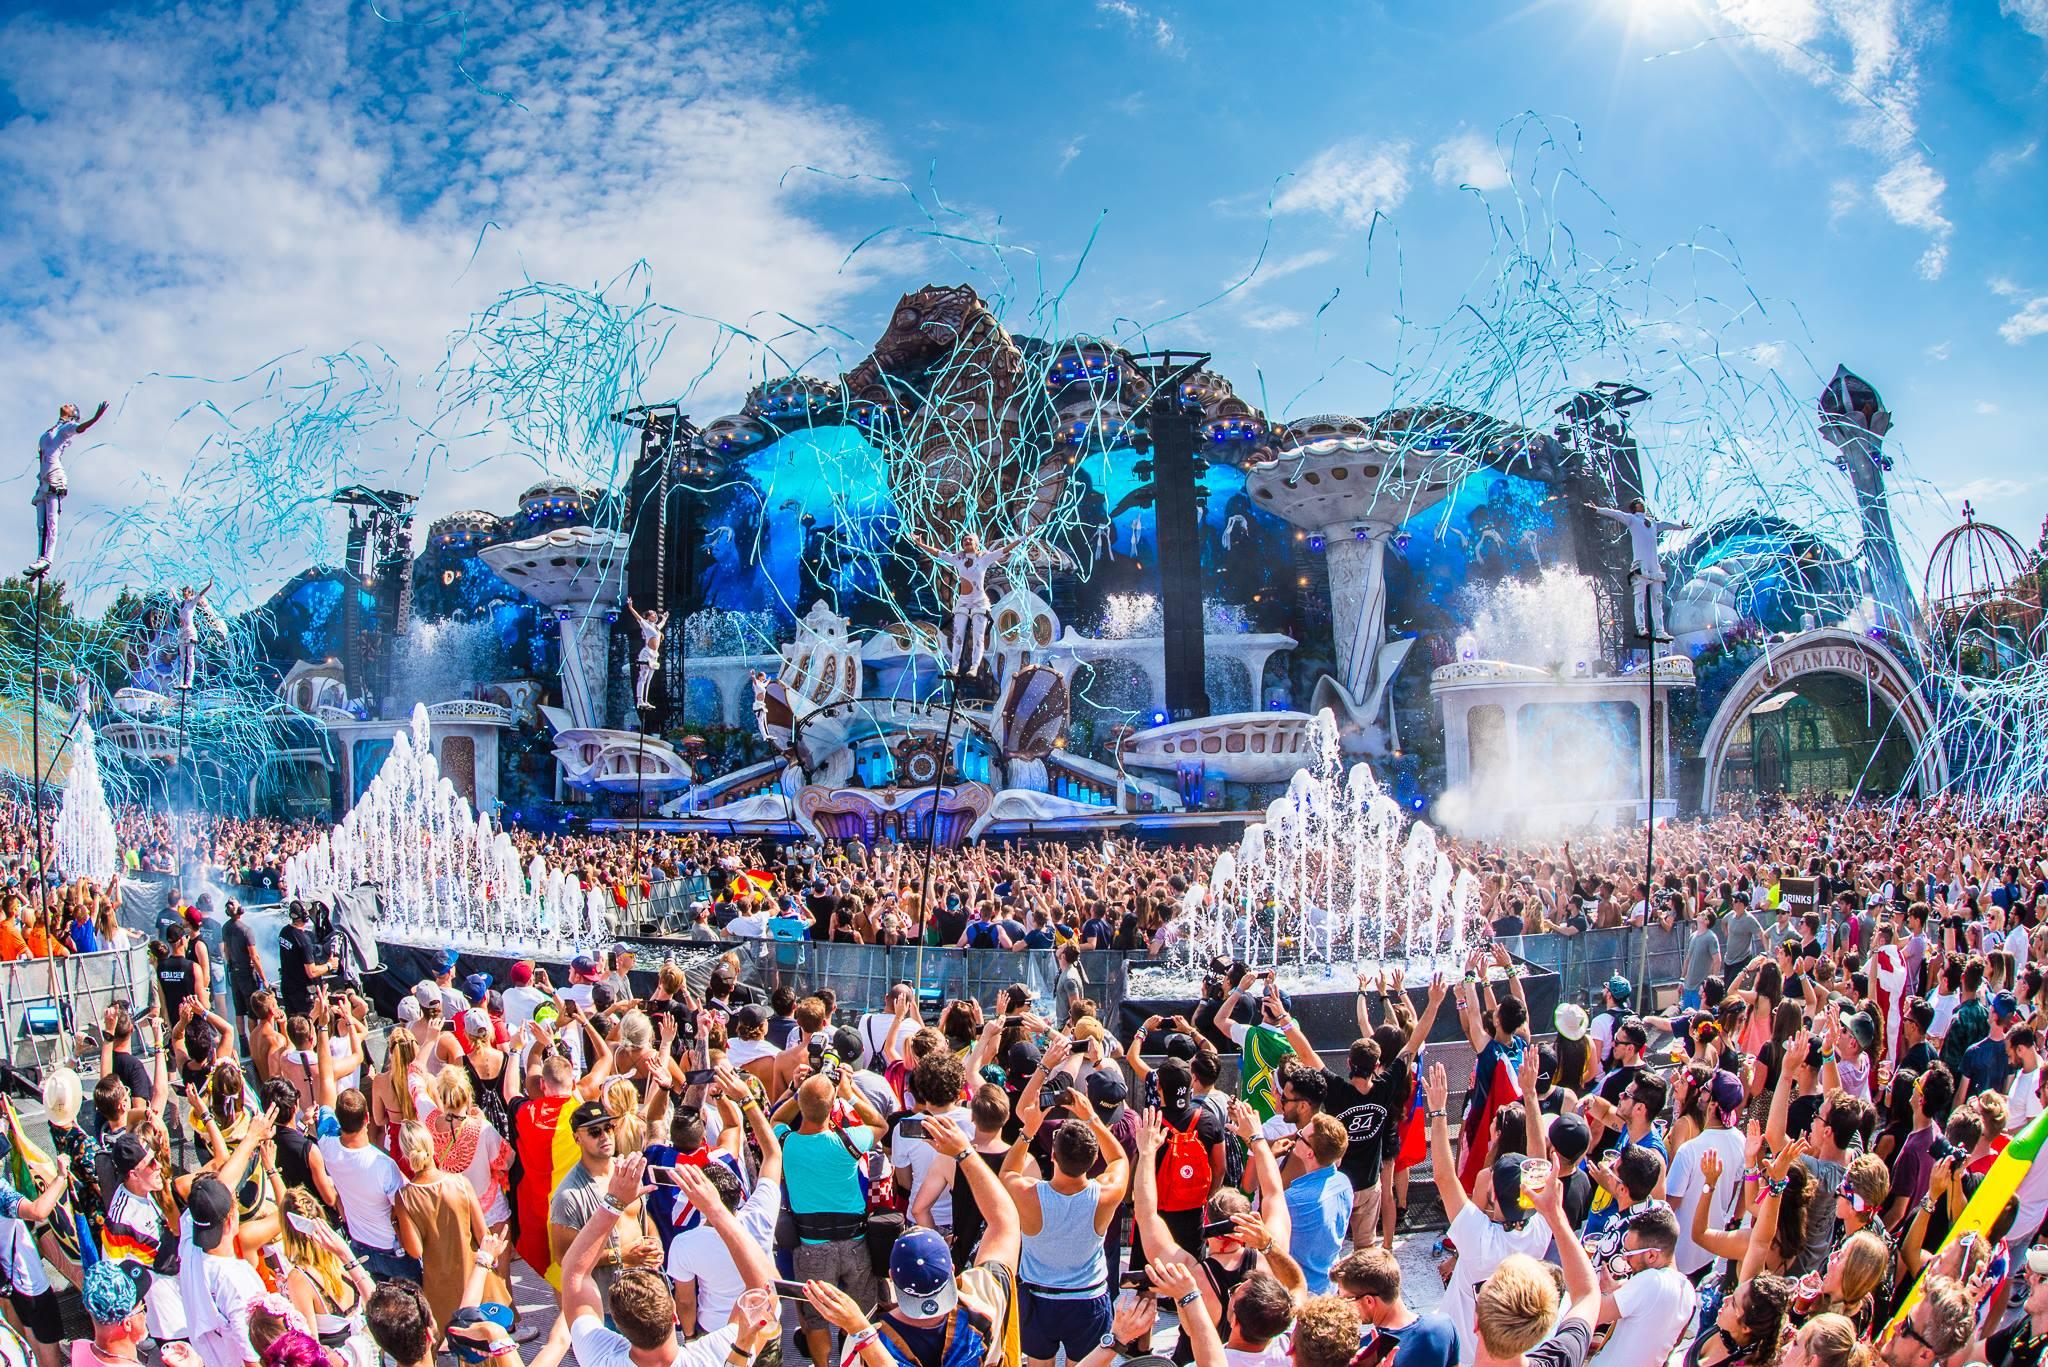 TOMORROW LAND 2019: Những điều bạn nên biết về sự kiện âm nhạc EDM lớn nhất Thế giới